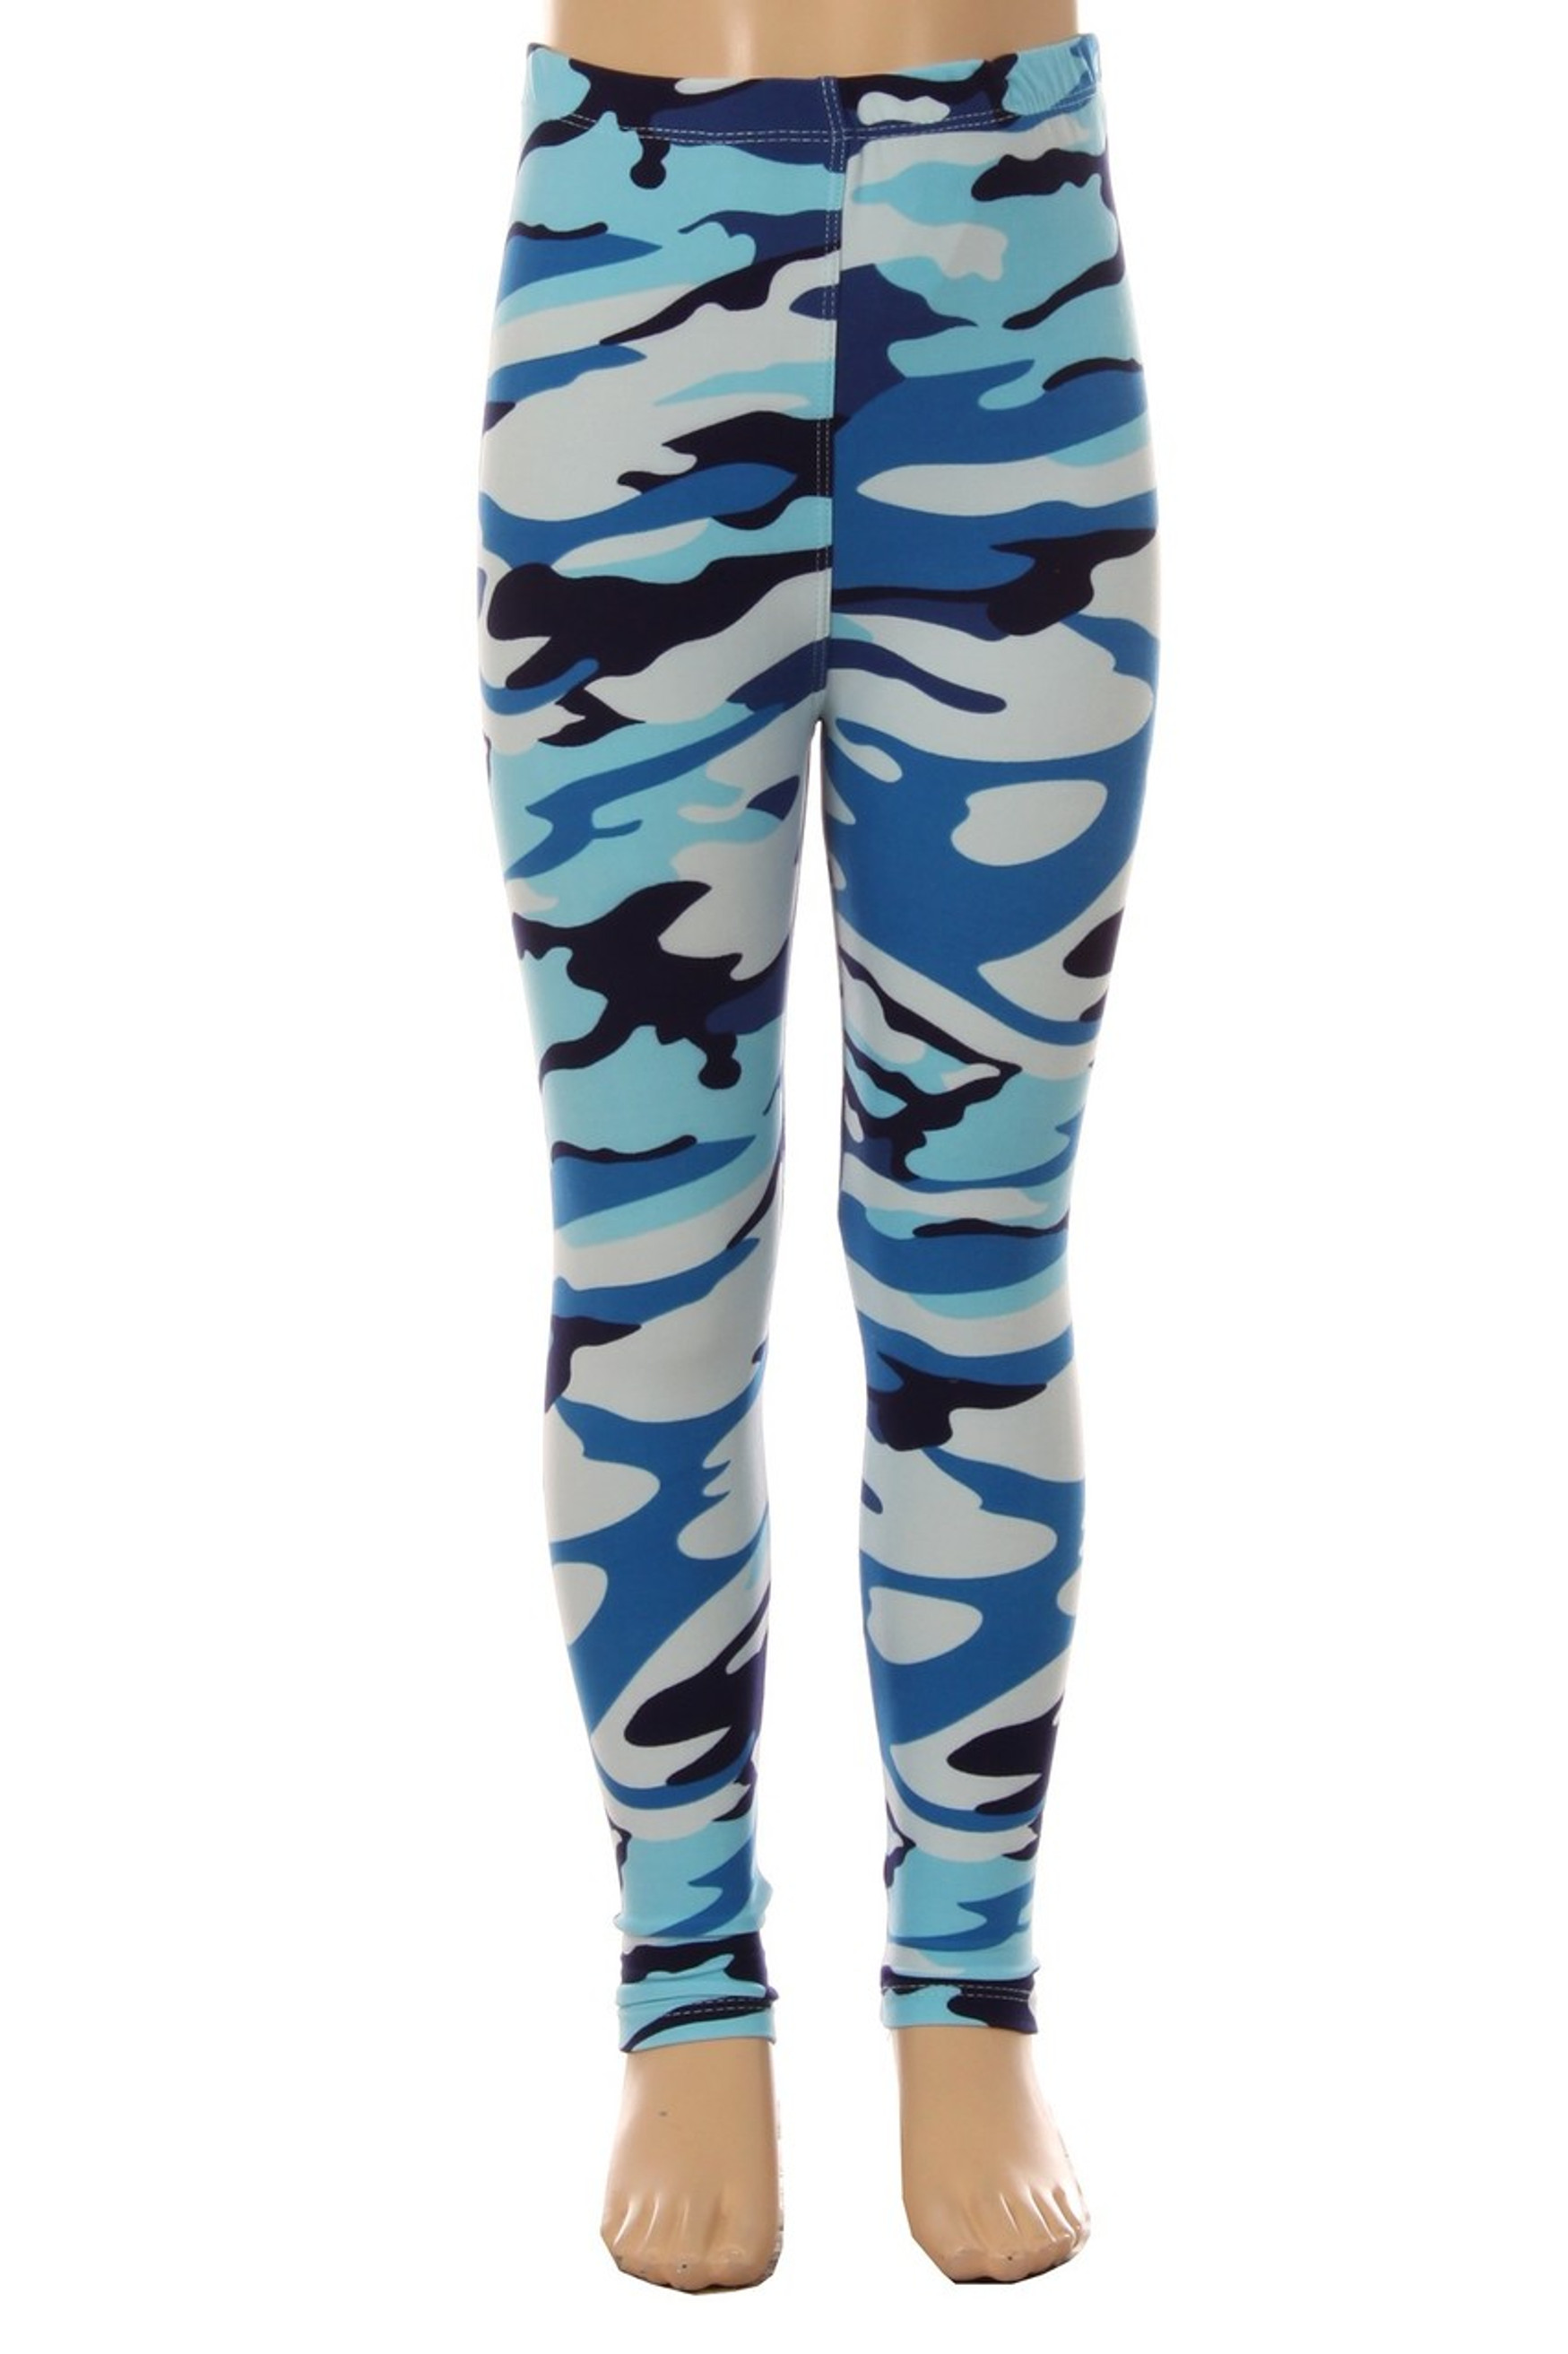 Brushed Blue Camouflage Kids Leggings - EEVEE